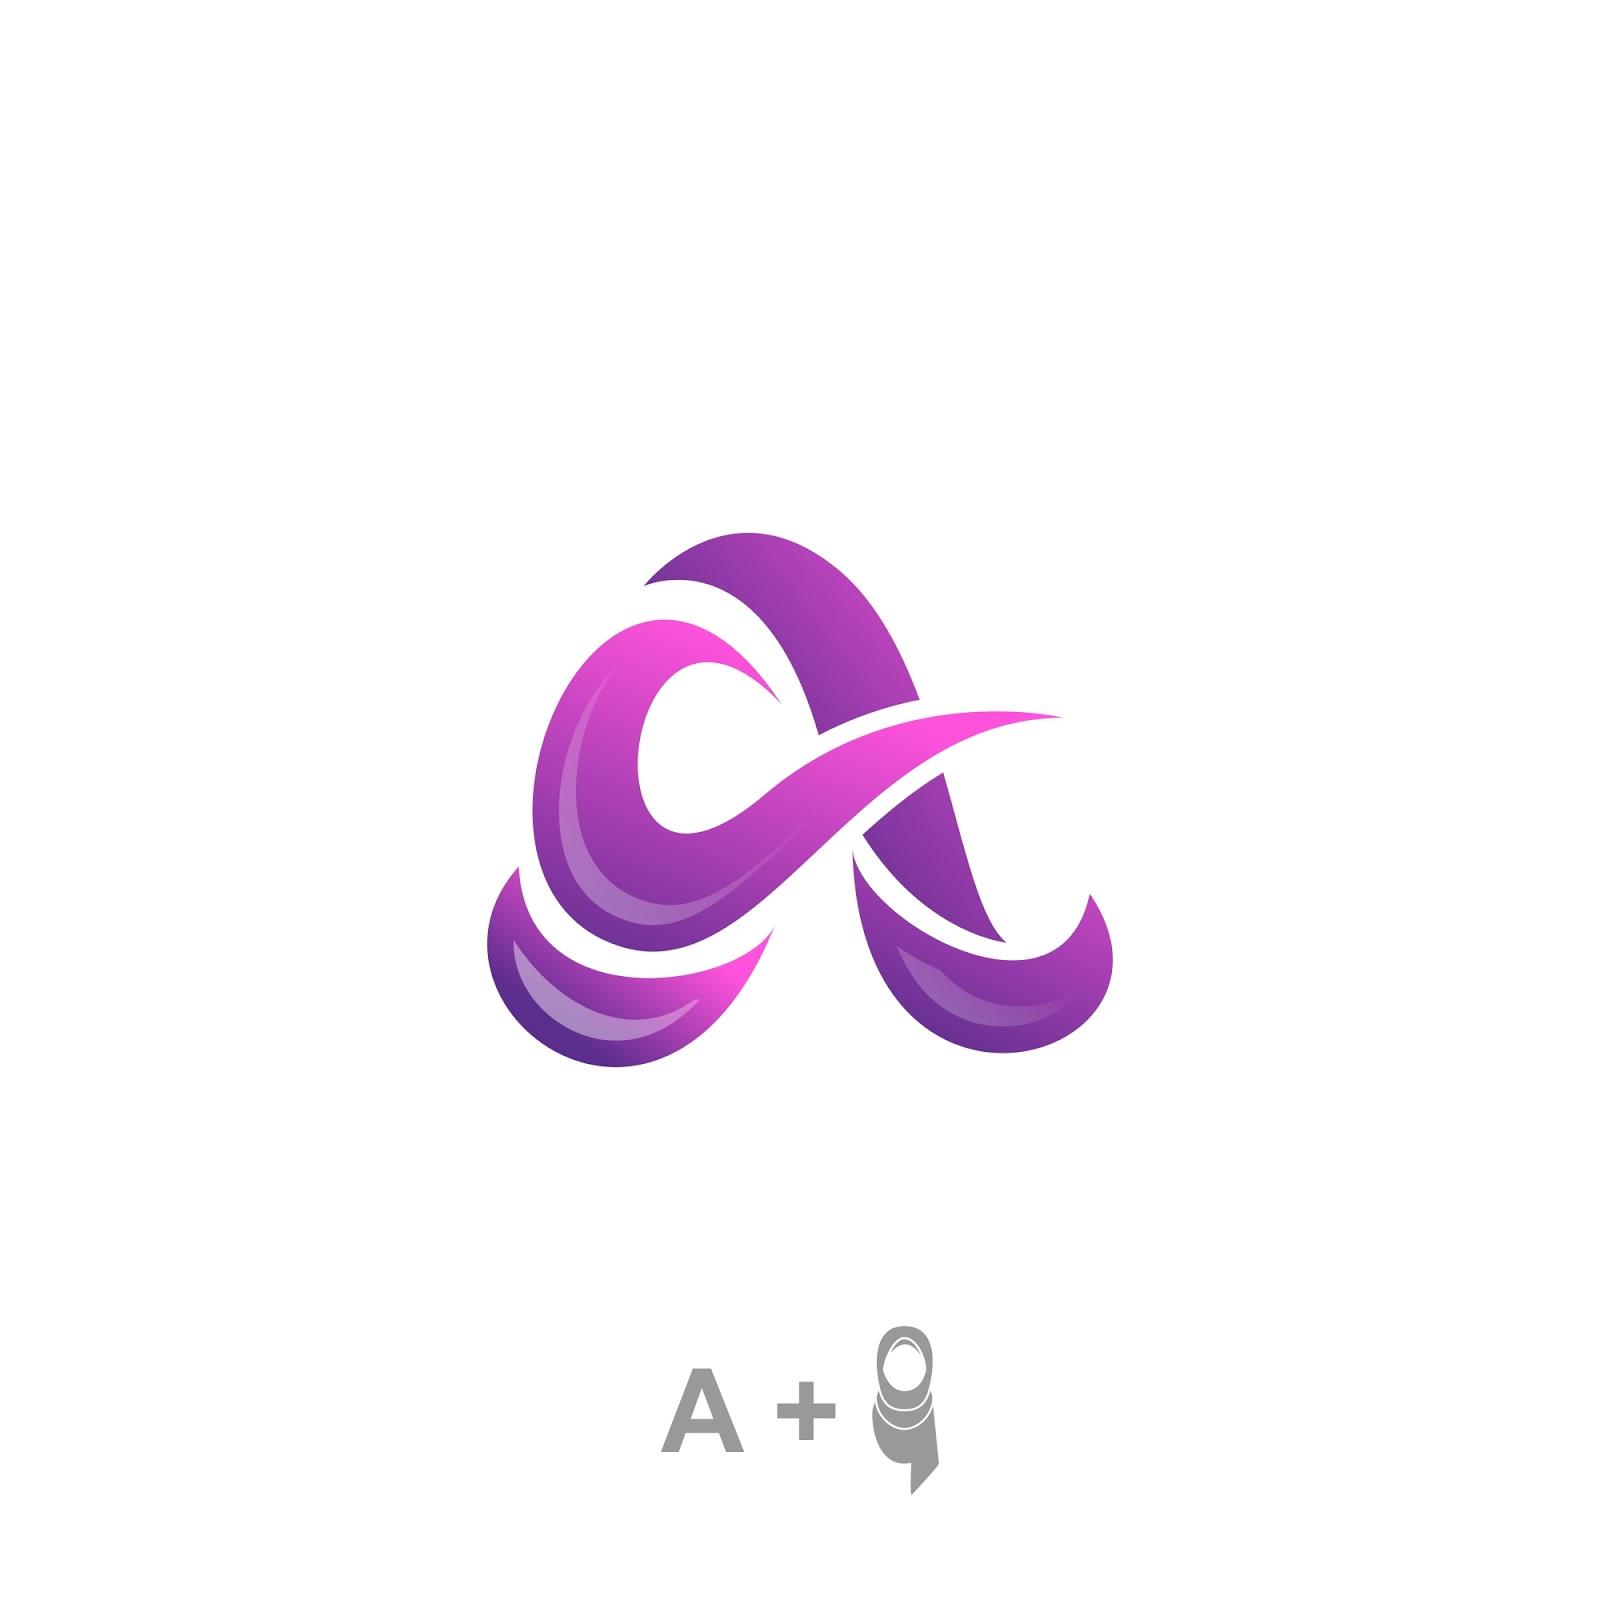 Desain Logo Adfaita - Jasa Desain Logo Dan Desain Grafis  Kreatif